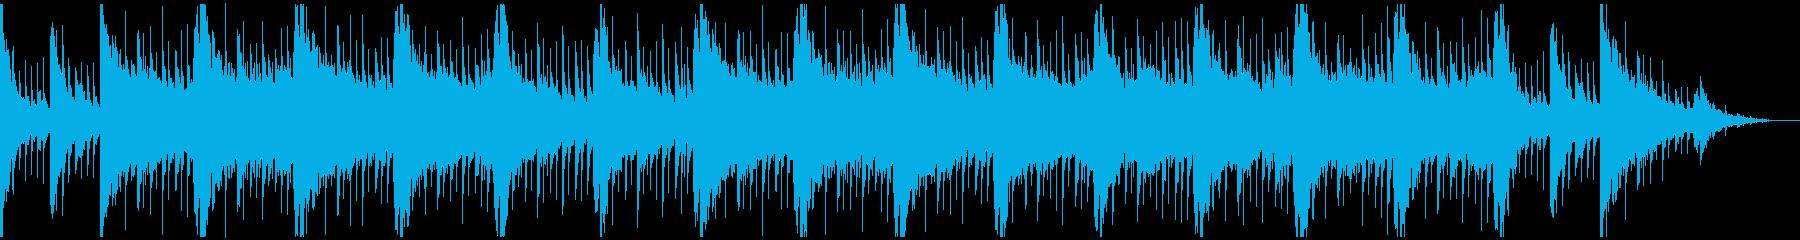 和風 のんびりしたBGMの再生済みの波形